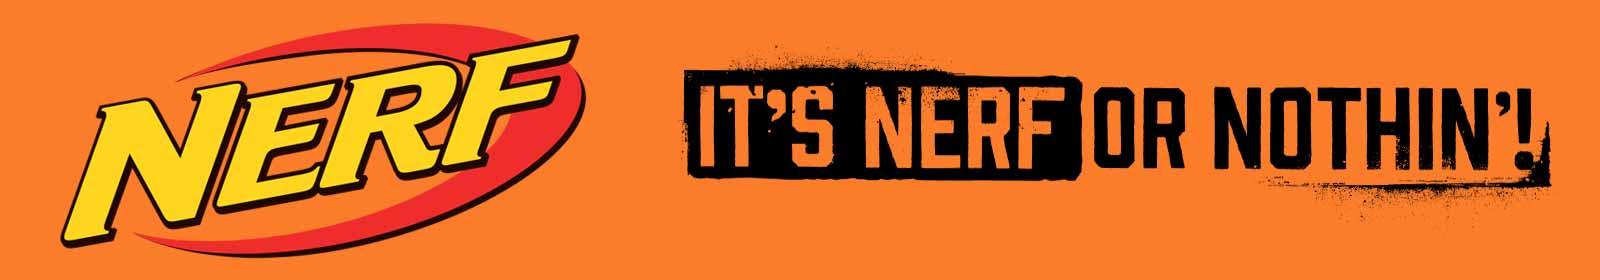 Comprar NERF online | mais velocidade e precisao pt